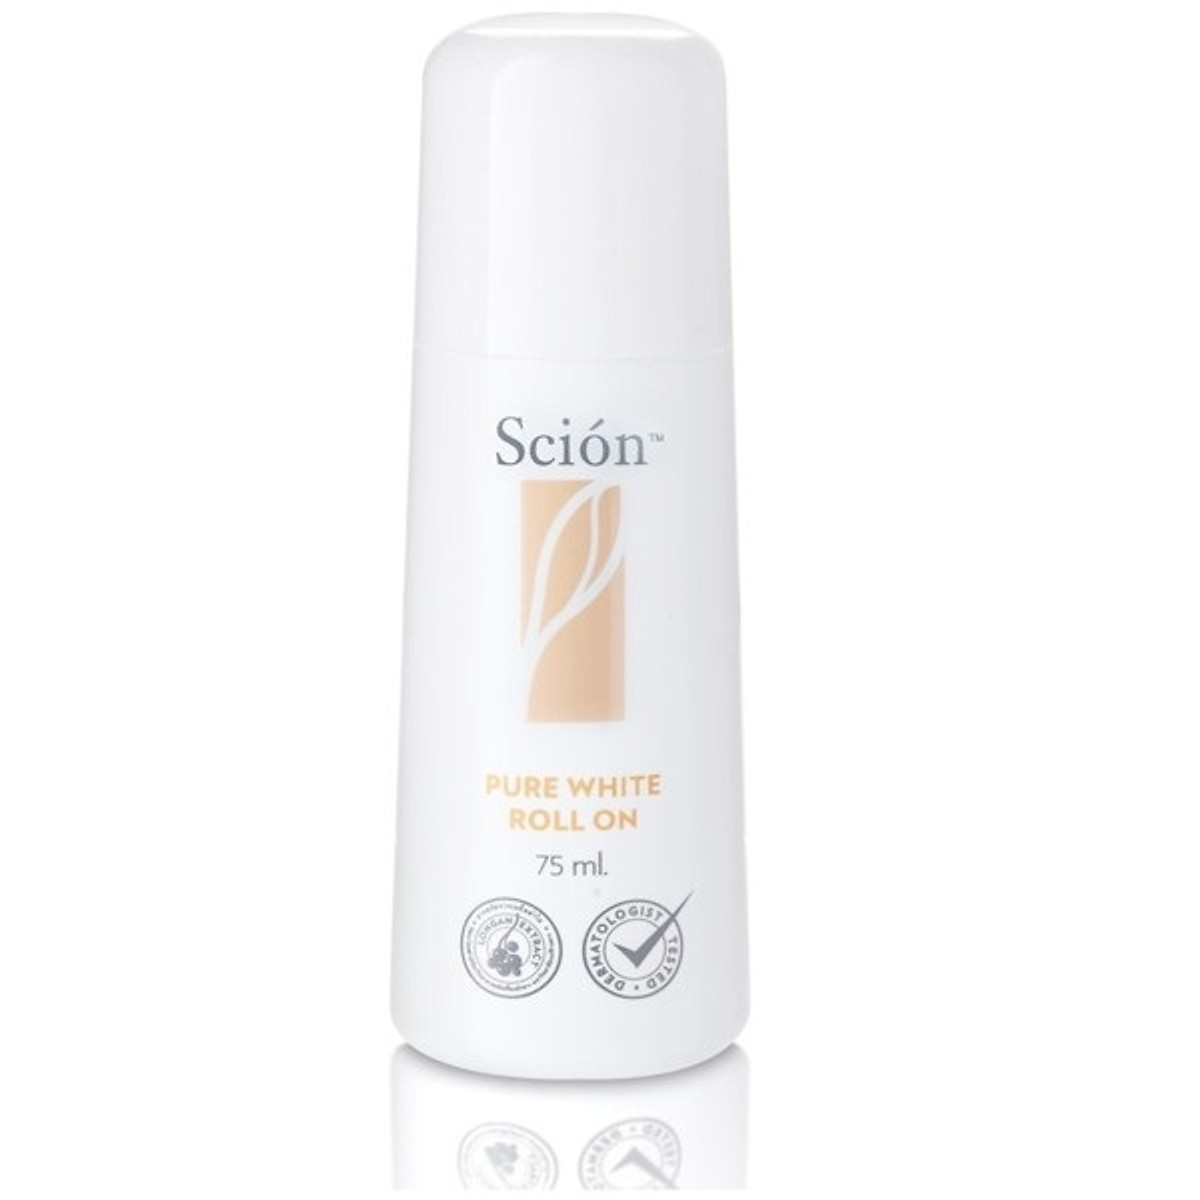 Lăn khử mùi giá rẻ chính hãng Scion Nuskin